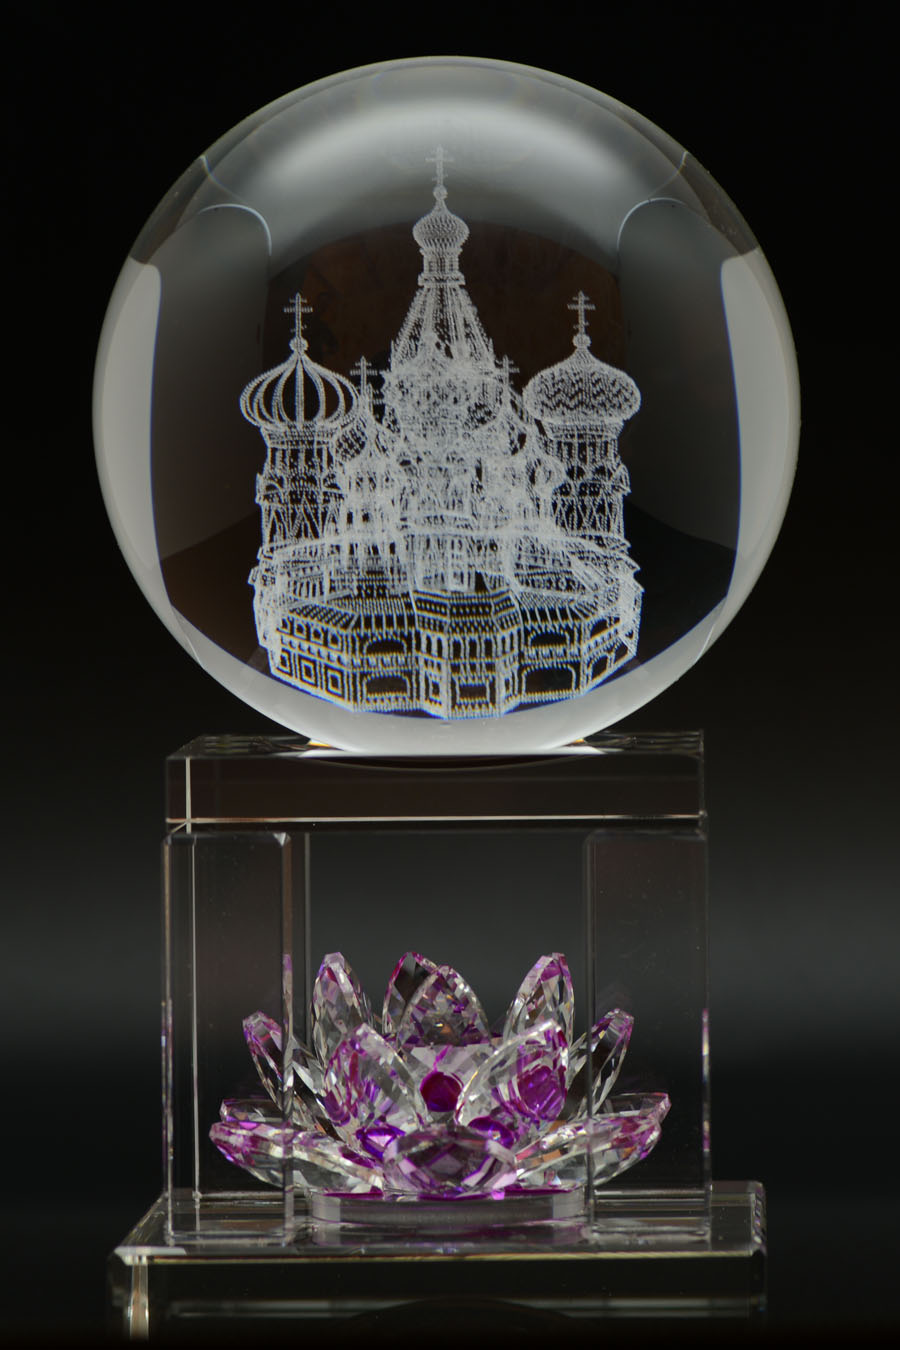 каких металлов заказ сувениров из парижа стеклянный шар фото проект представляет